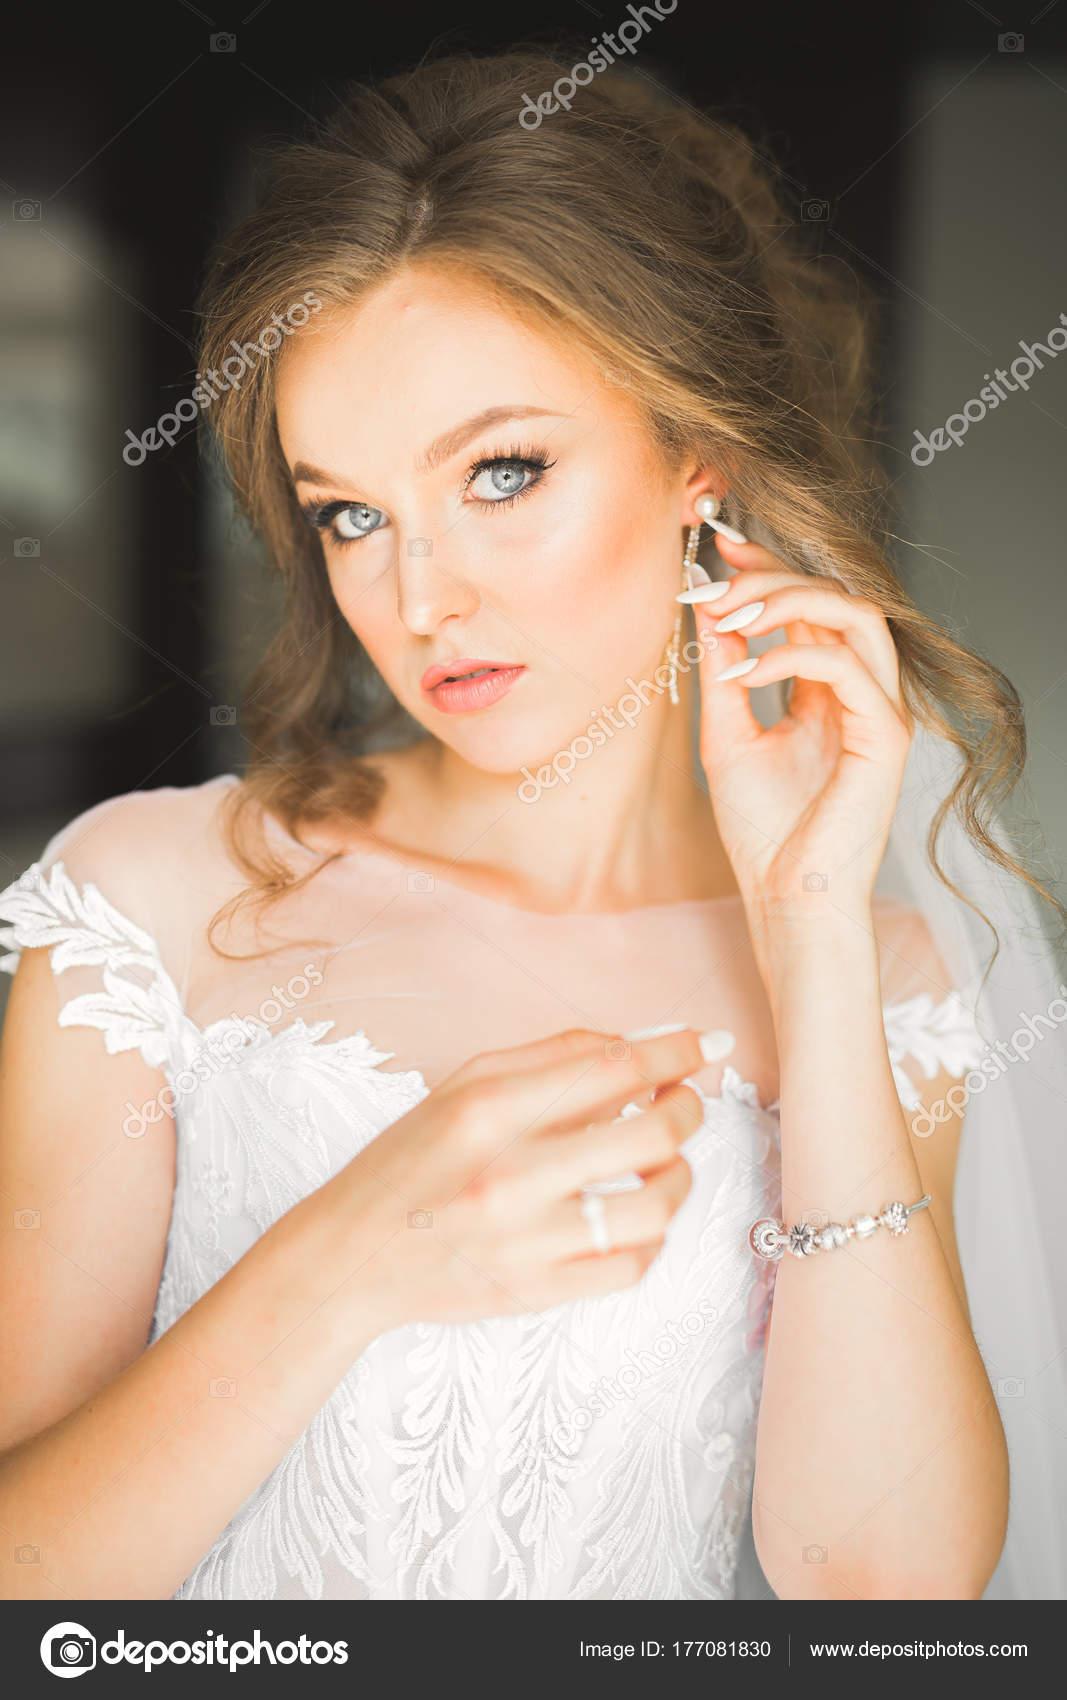 Schone Braut Mode Hochzeit Kleid Mit Federn Mit Luxus Freude Make Up